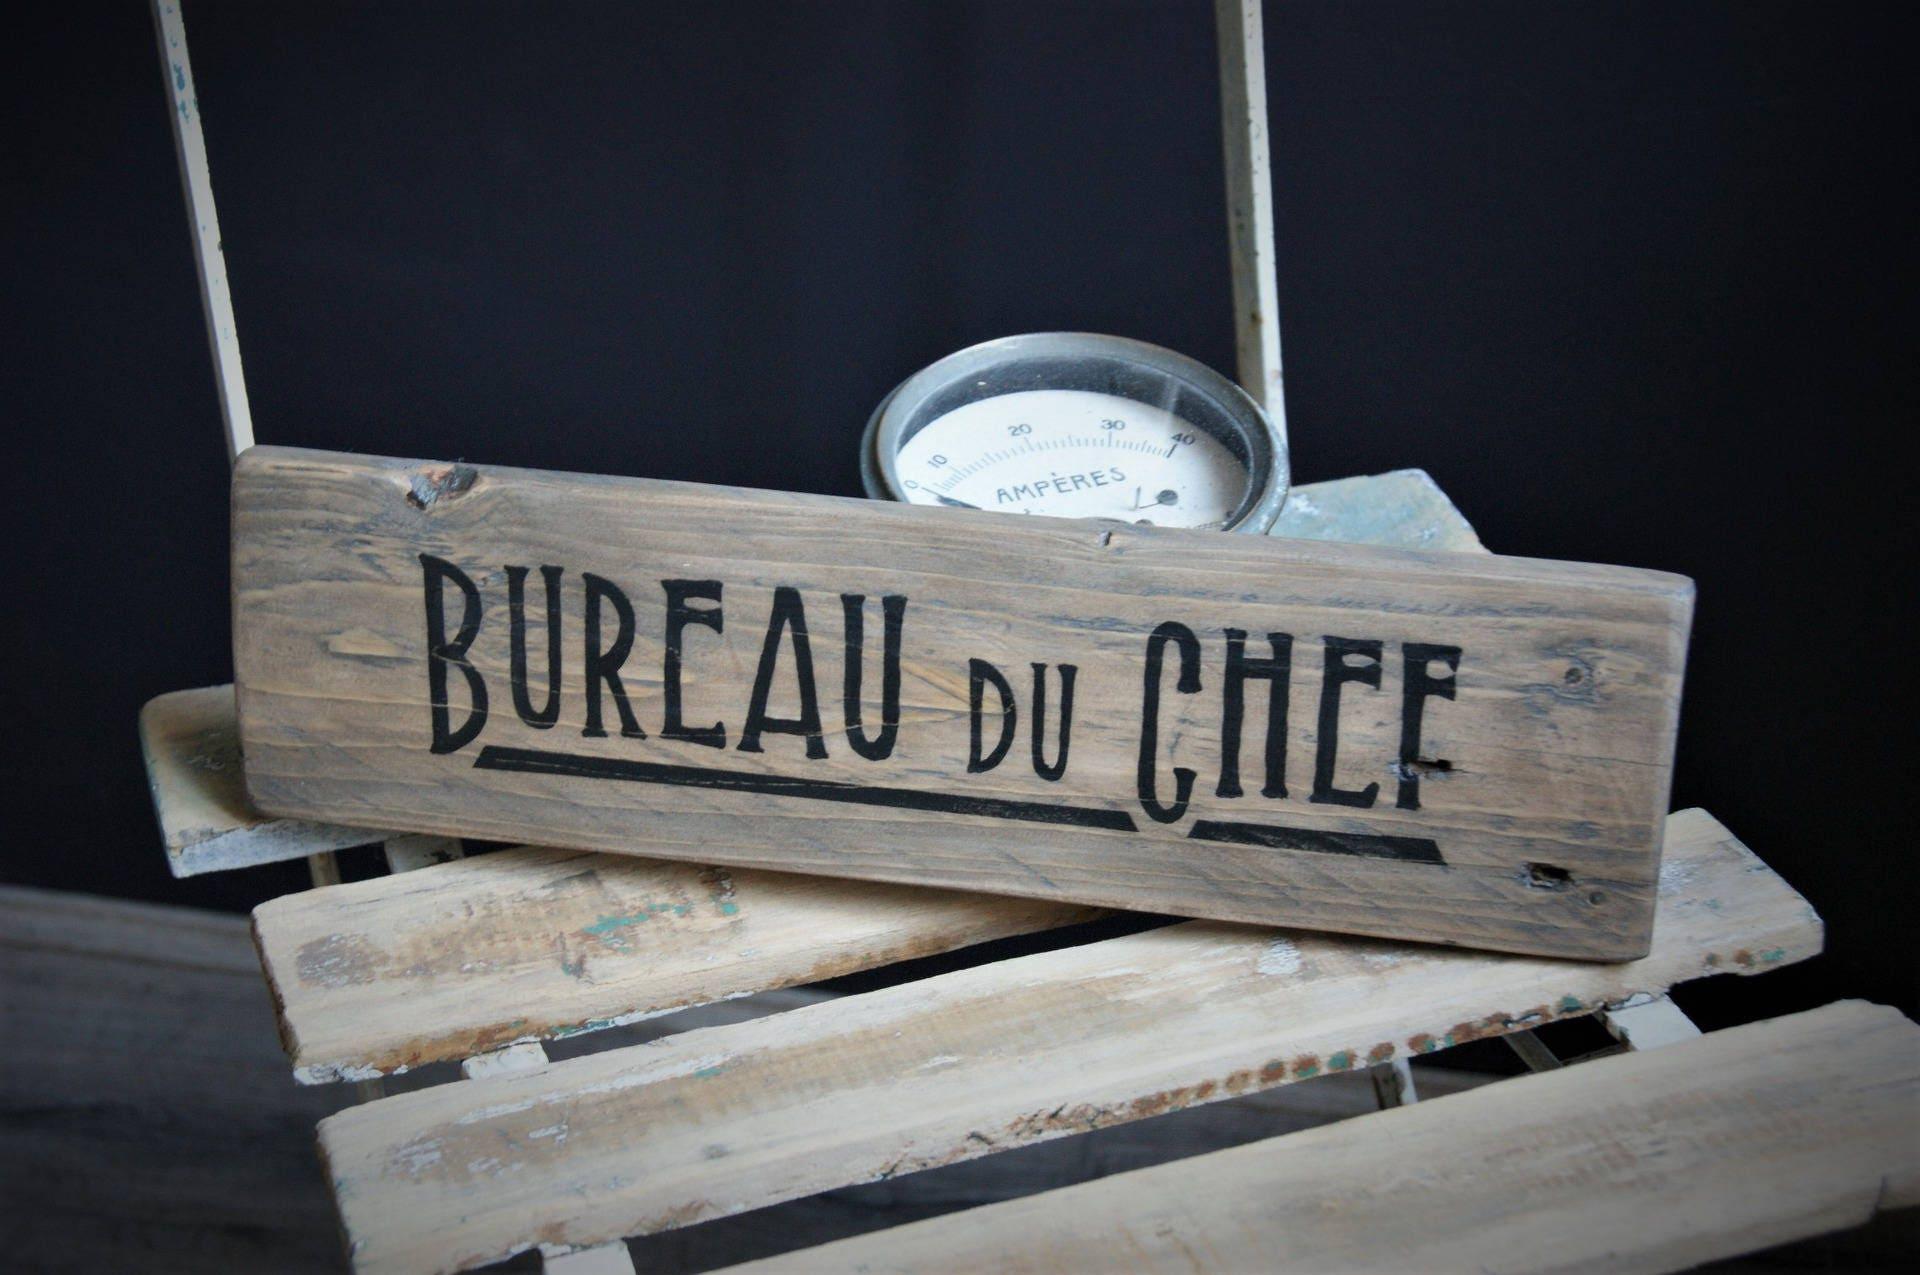 ecriteau en bois bureau du chef. Black Bedroom Furniture Sets. Home Design Ideas